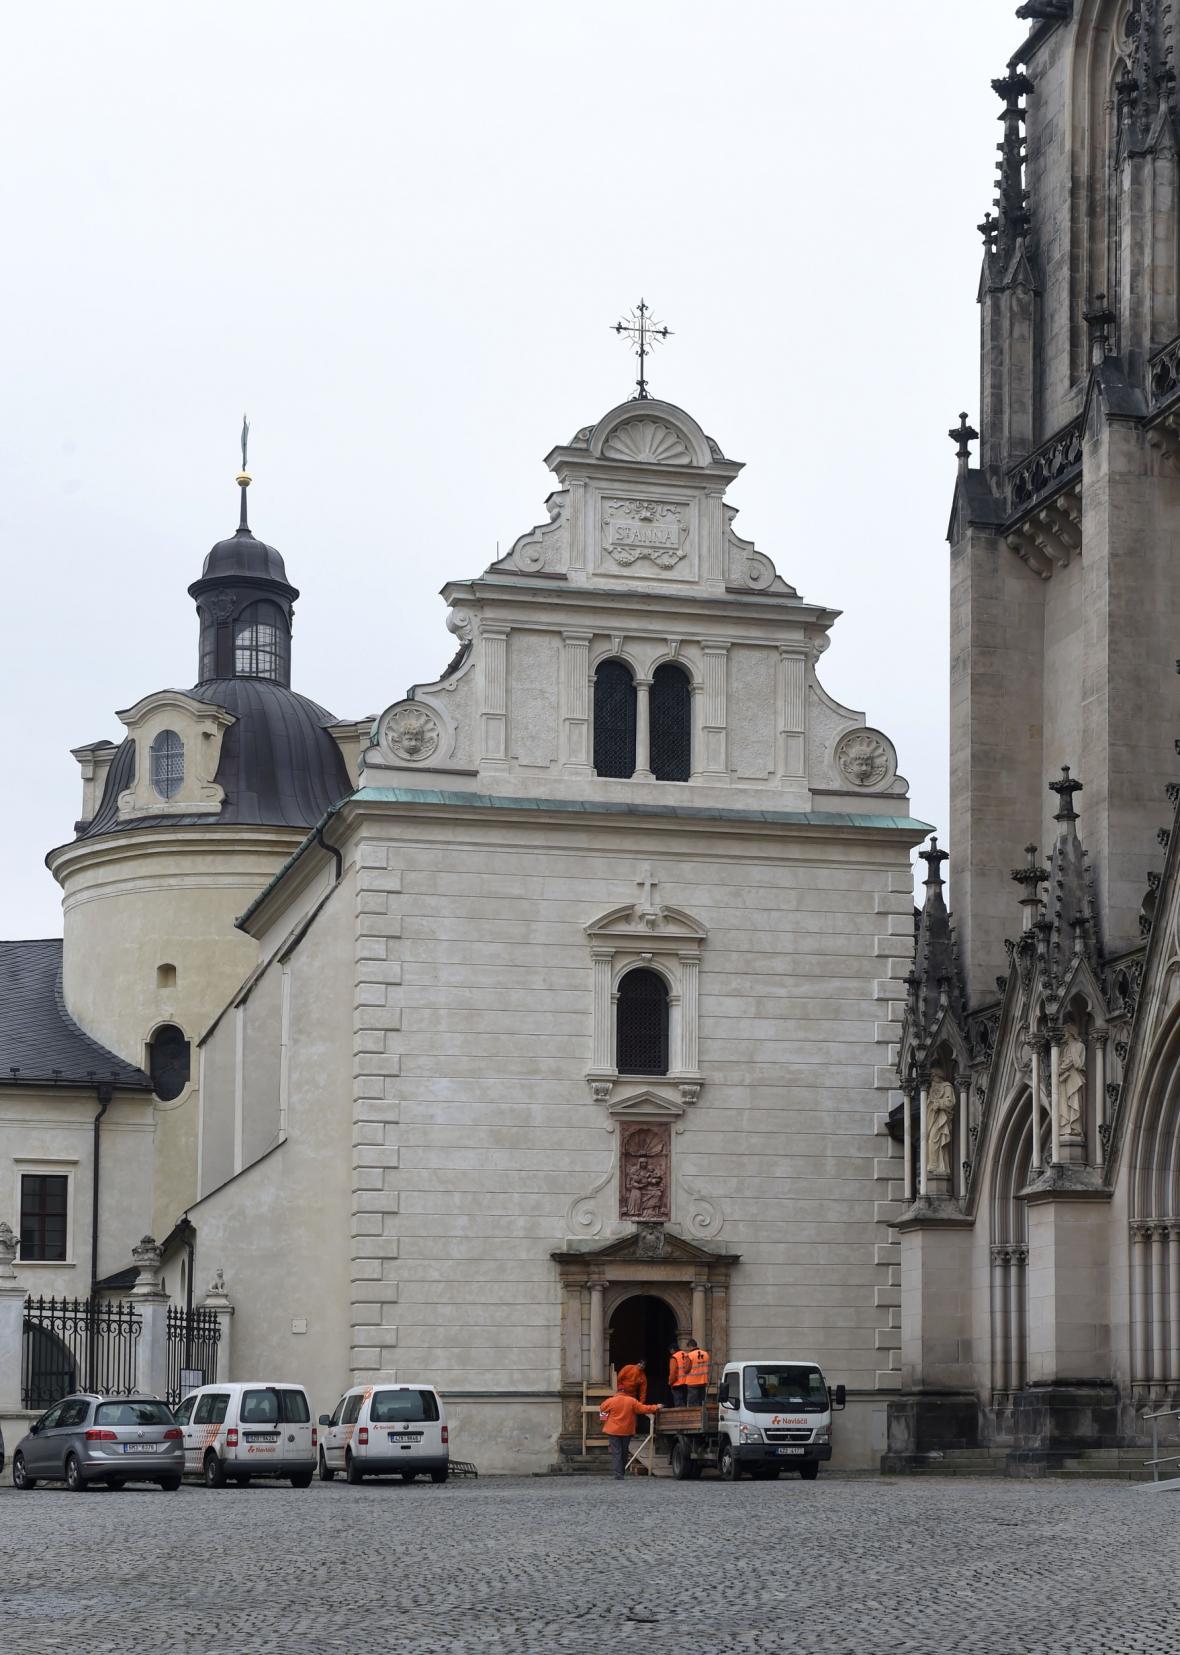 Kaple svaté Anny a Zdíkův palác (v pozadí)